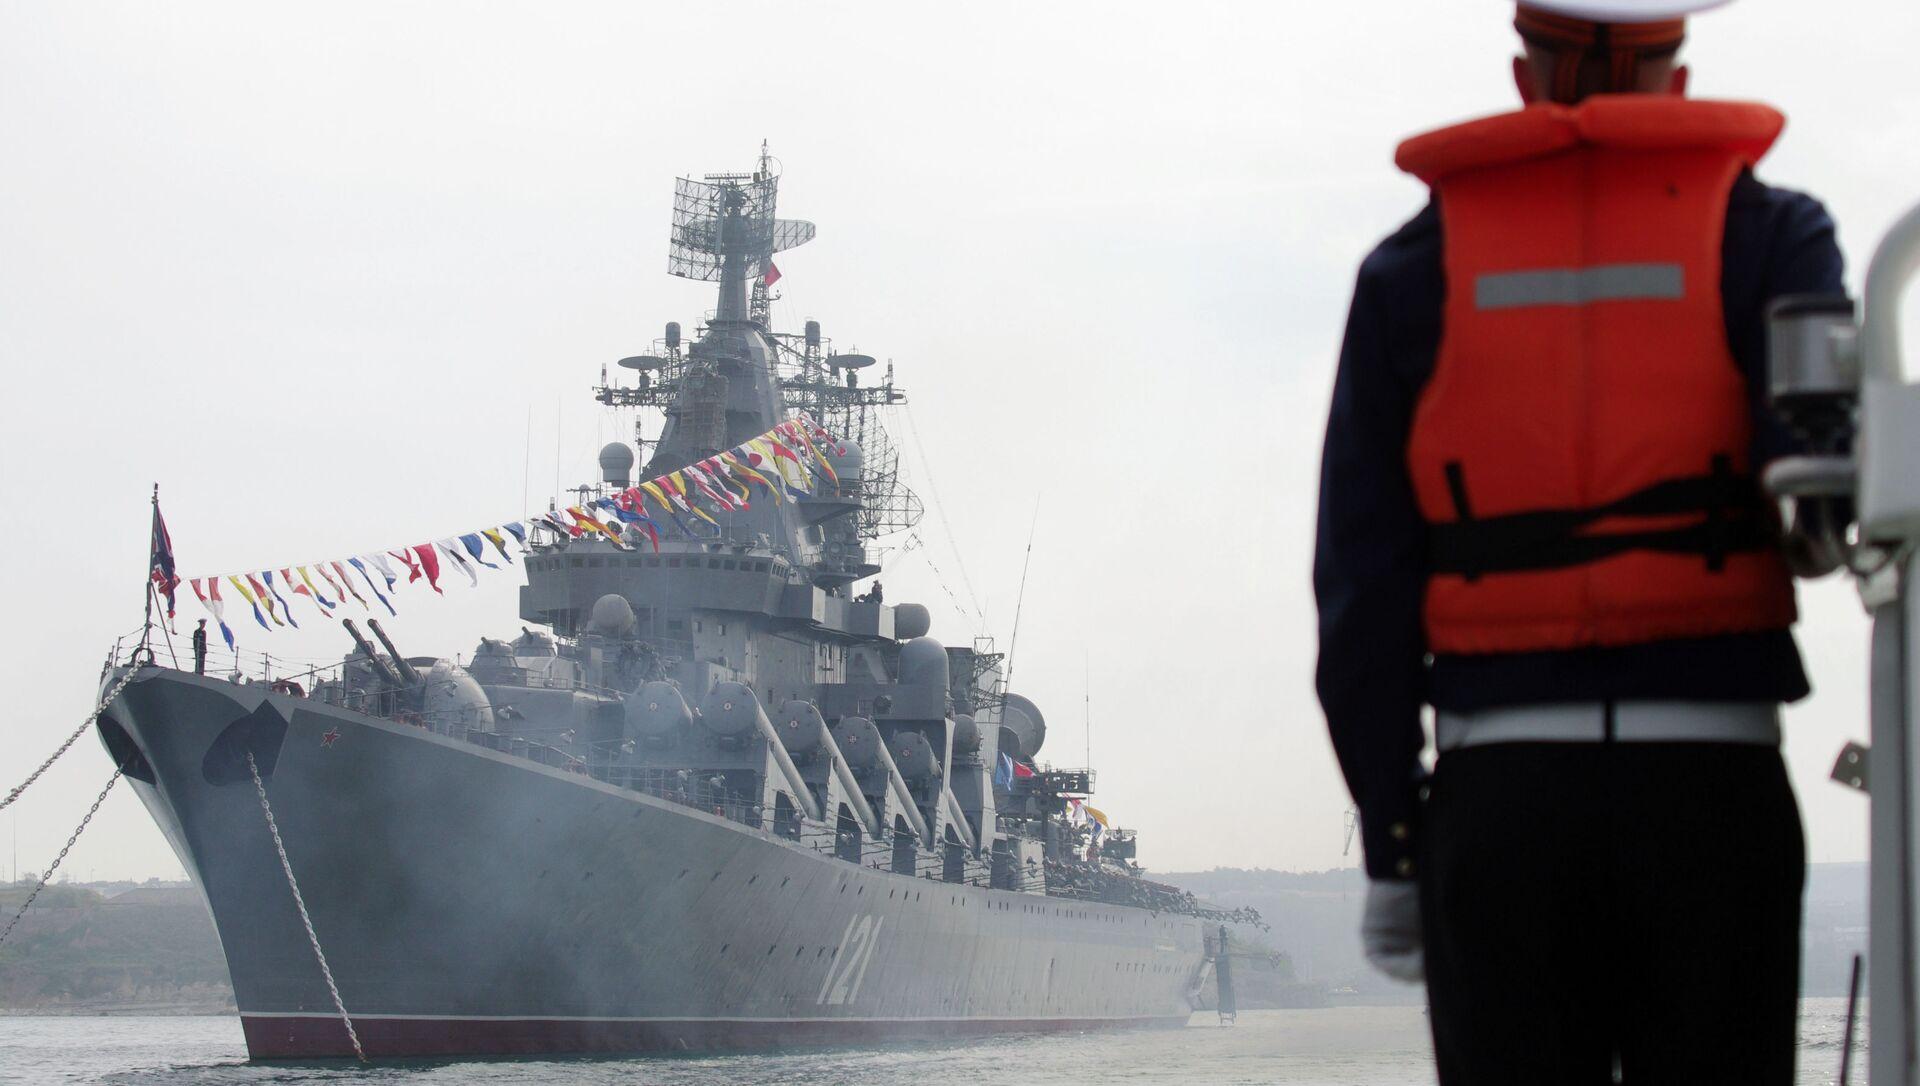 Tàu tuần dương tên lửa cận vệ Moskva thuộc Hạm đội Biển Đen của Liên bang Nga - Sputnik Việt Nam, 1920, 01.08.2021